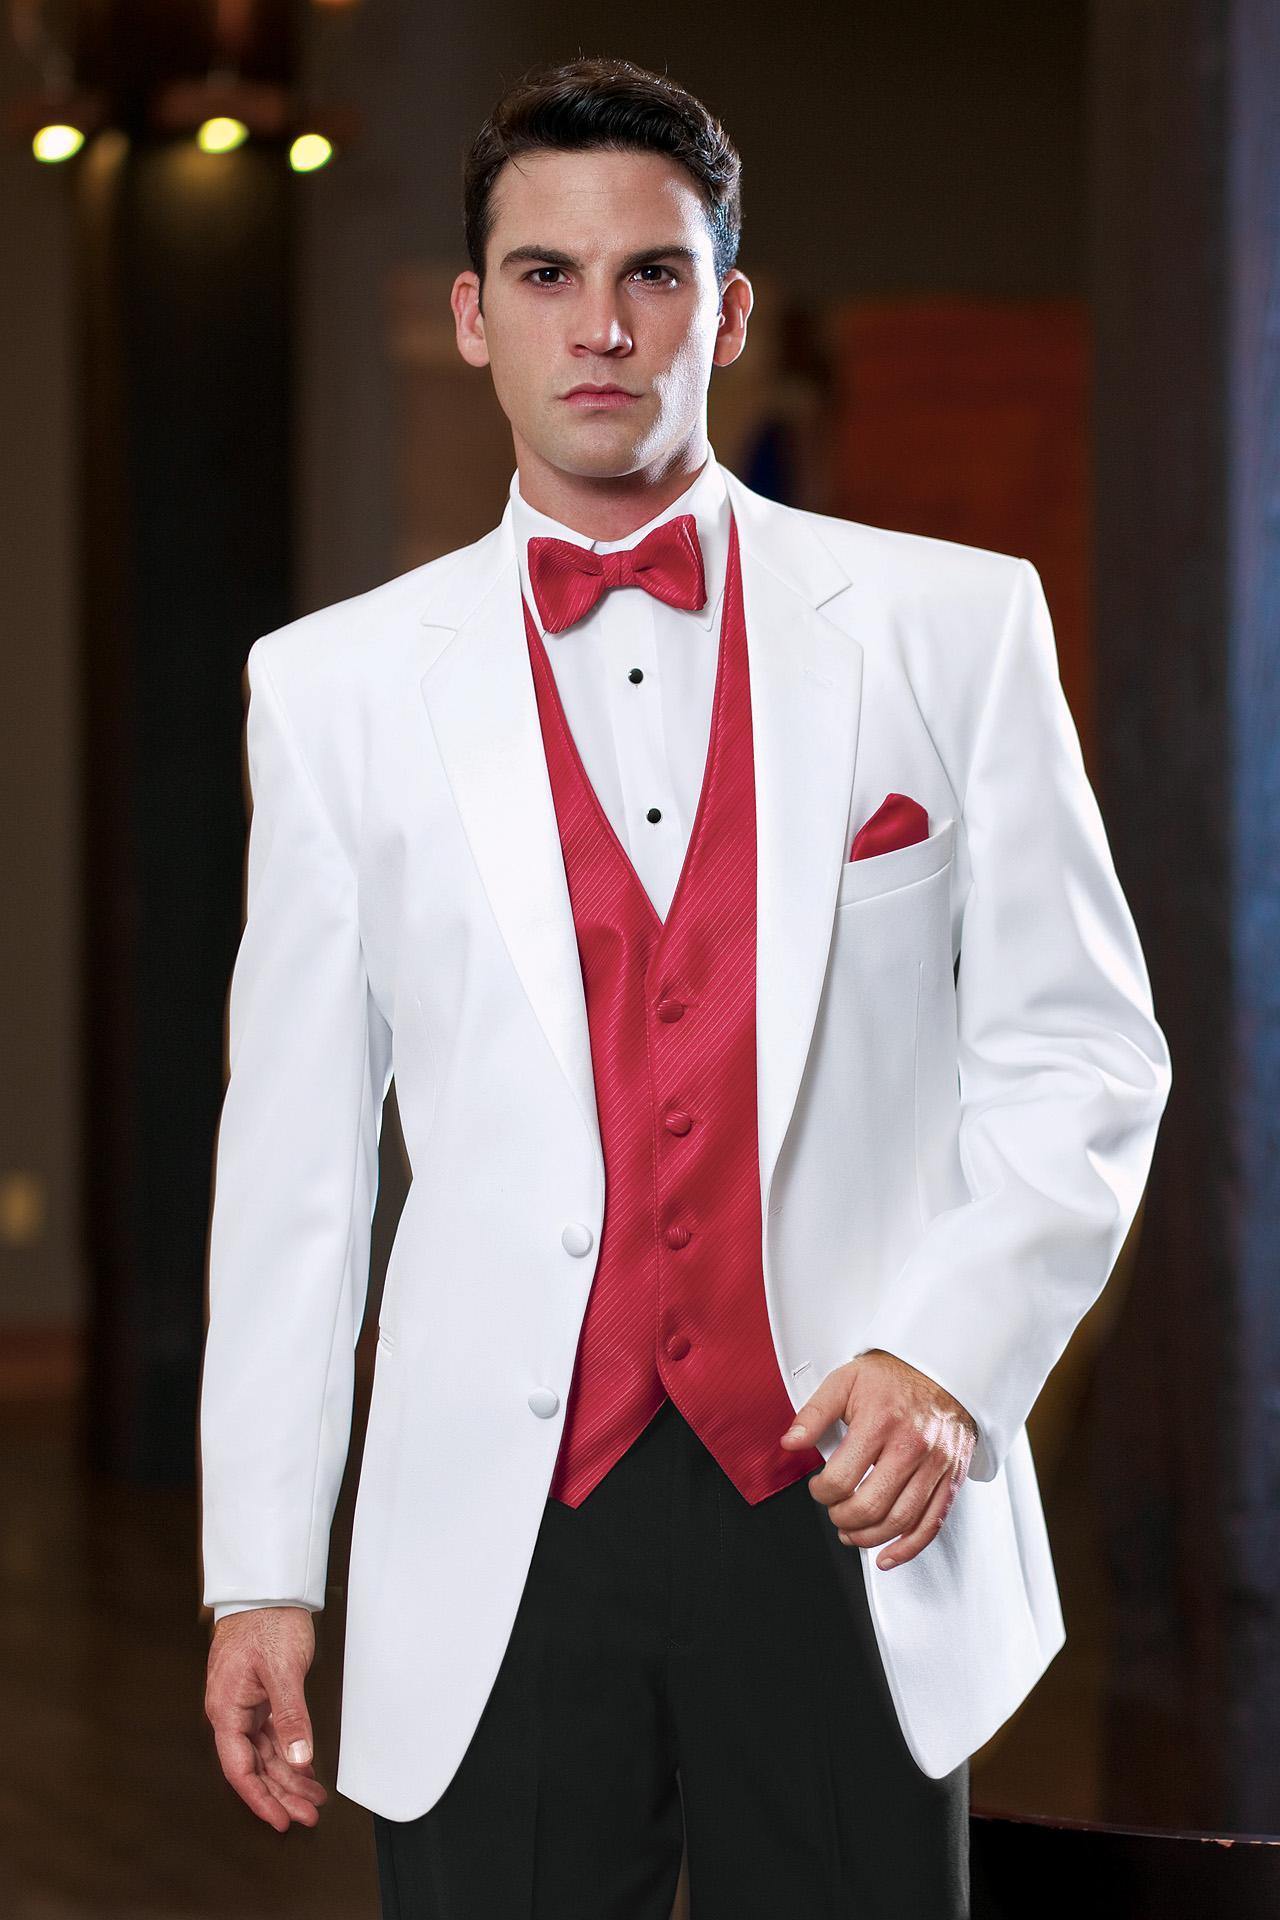 Stephen Geoffrey White Troy Modern Fit Tuxedo | Jim\'s Formal Wear